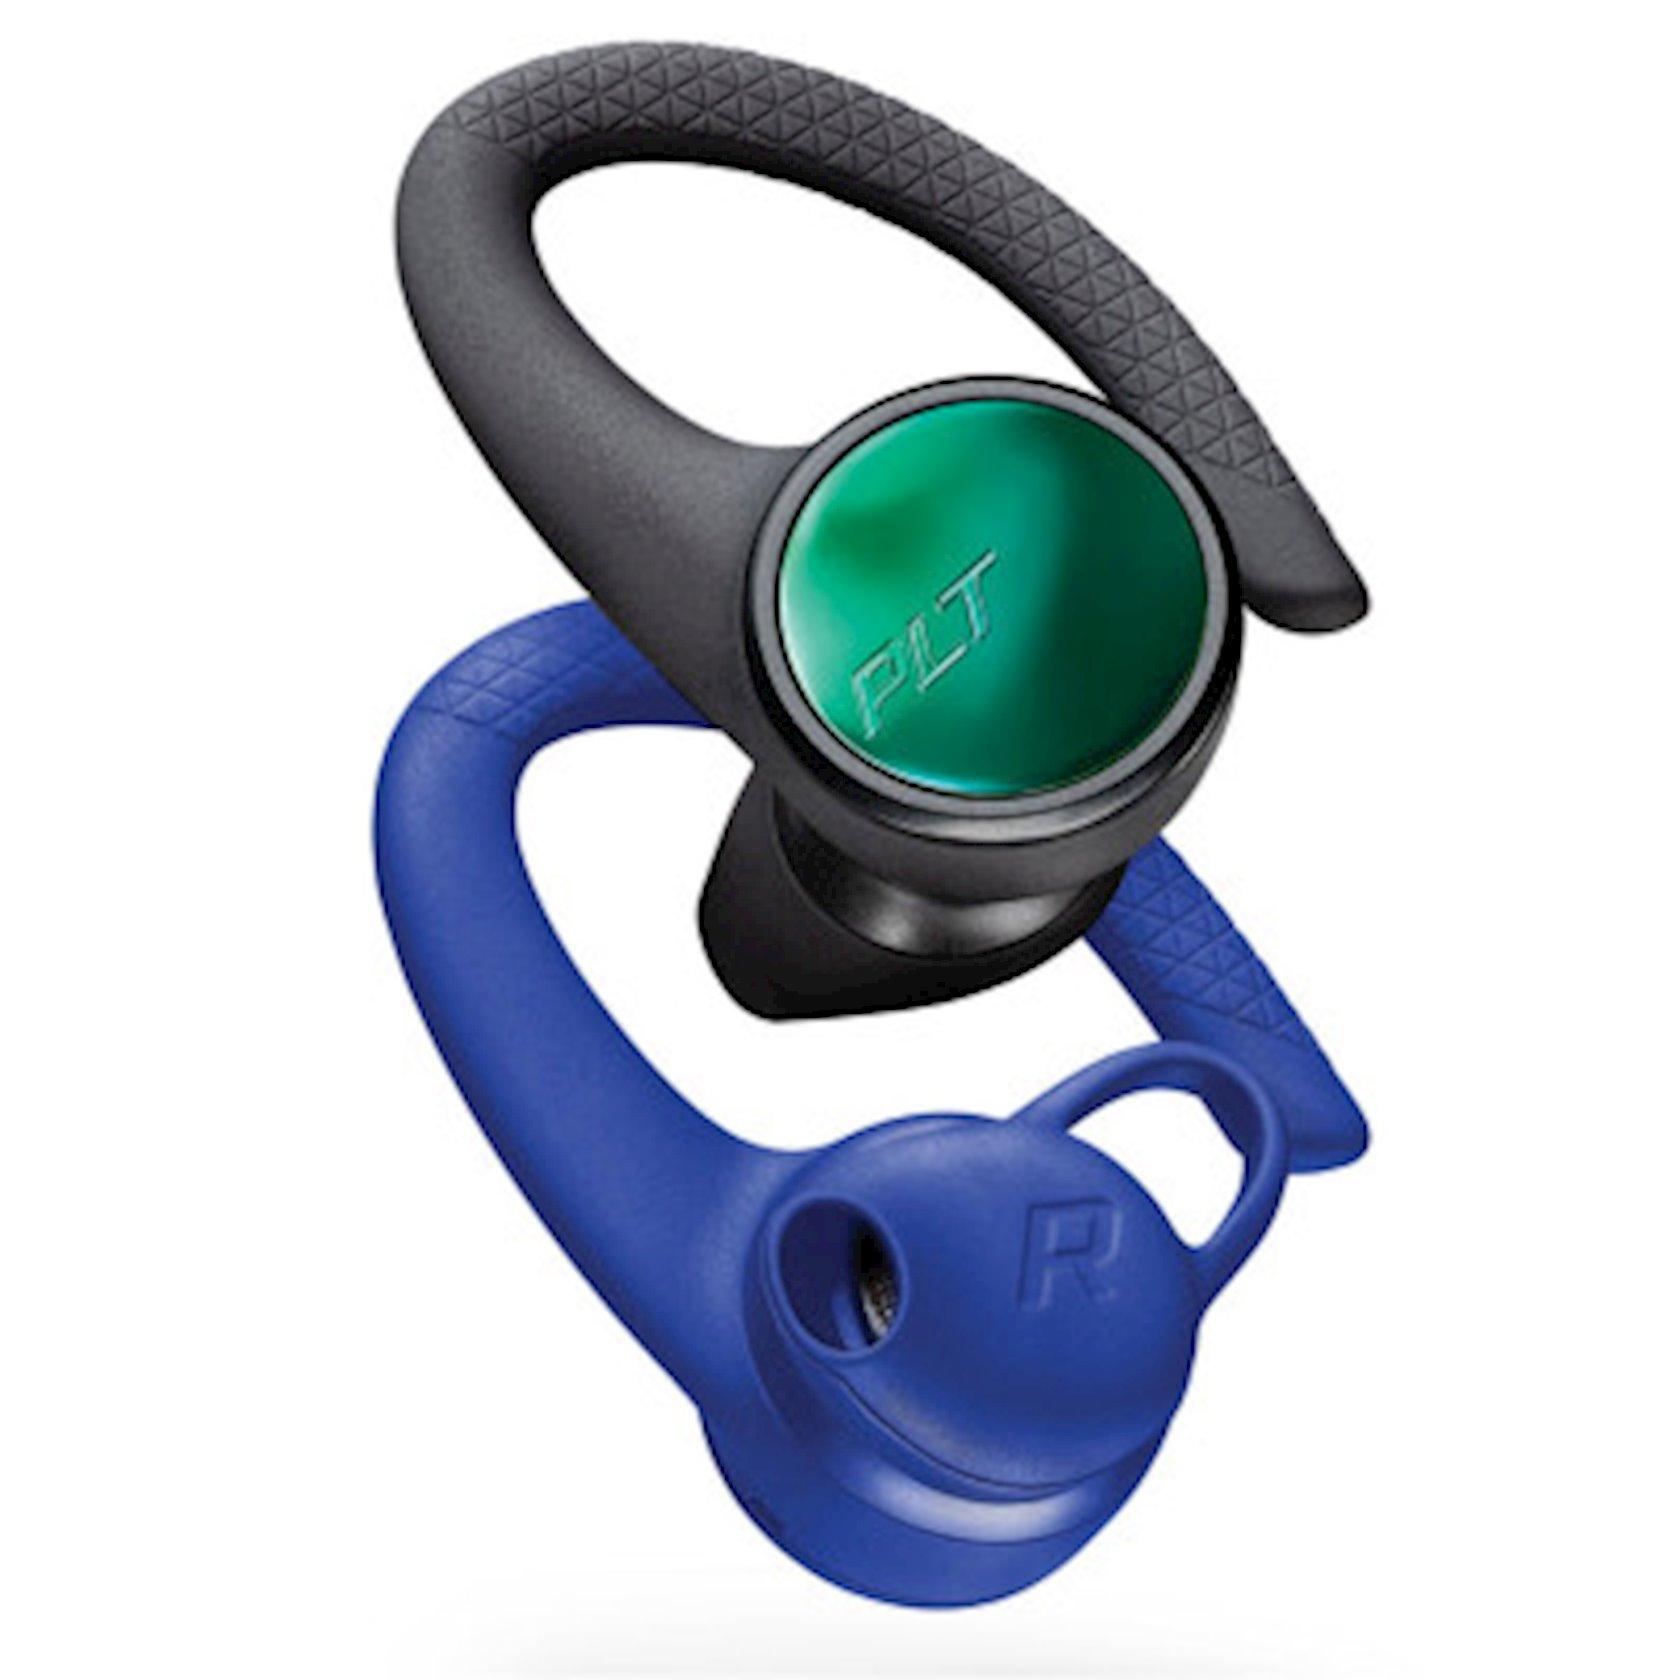 Simsiz qulaqlıq Plantronics BackBeat Fit 3150, Headset Black-Blue